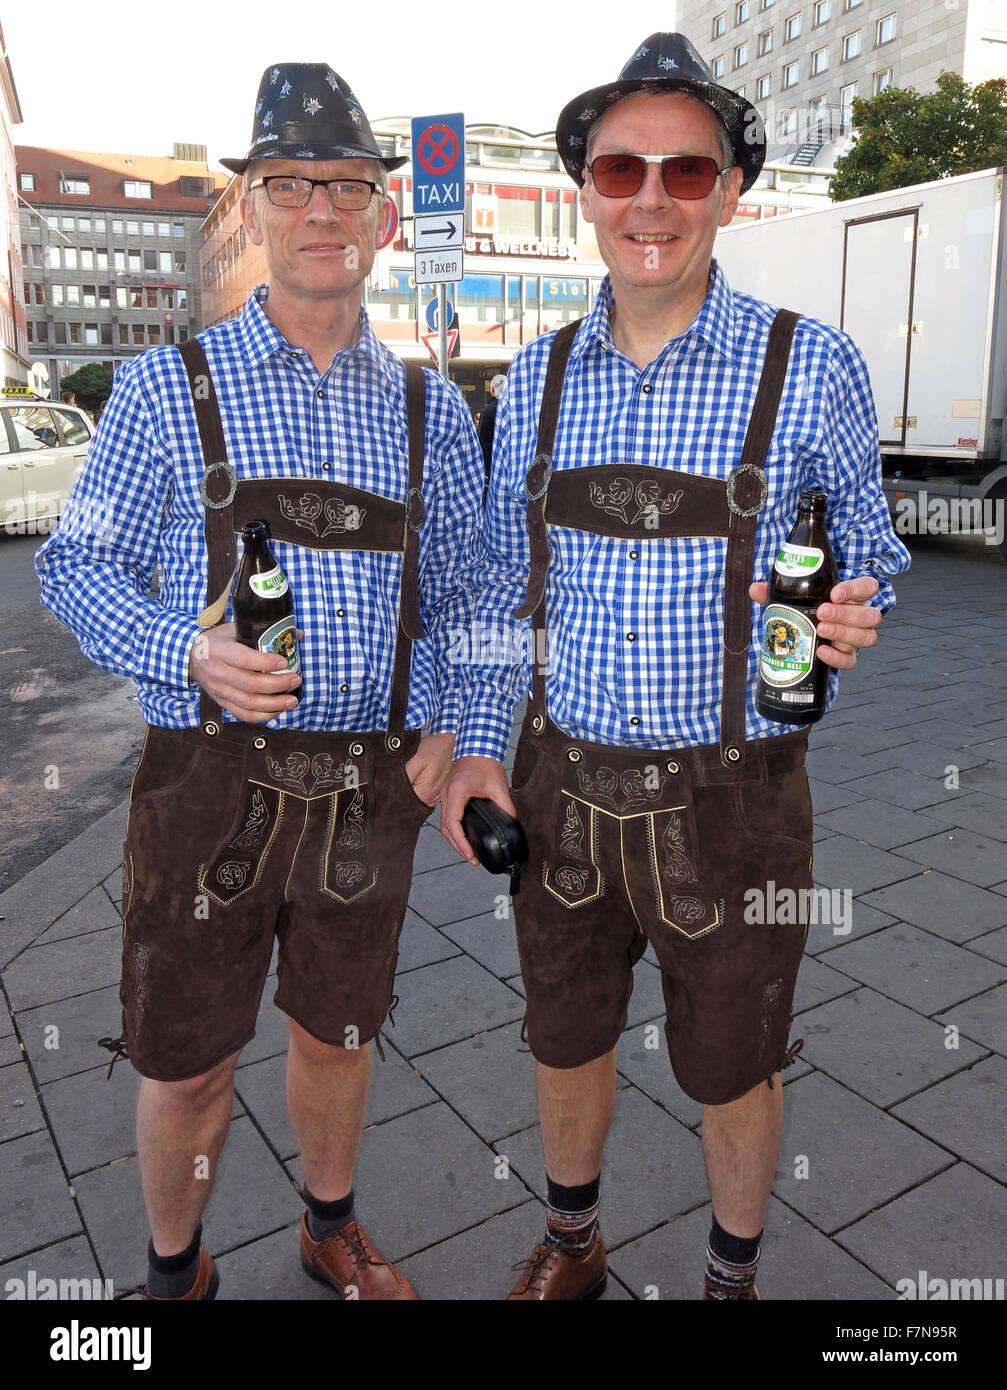 Oktoberfest in Munich,Baveria,Germany. Two Tourists in Lederhosen, Stock Photo